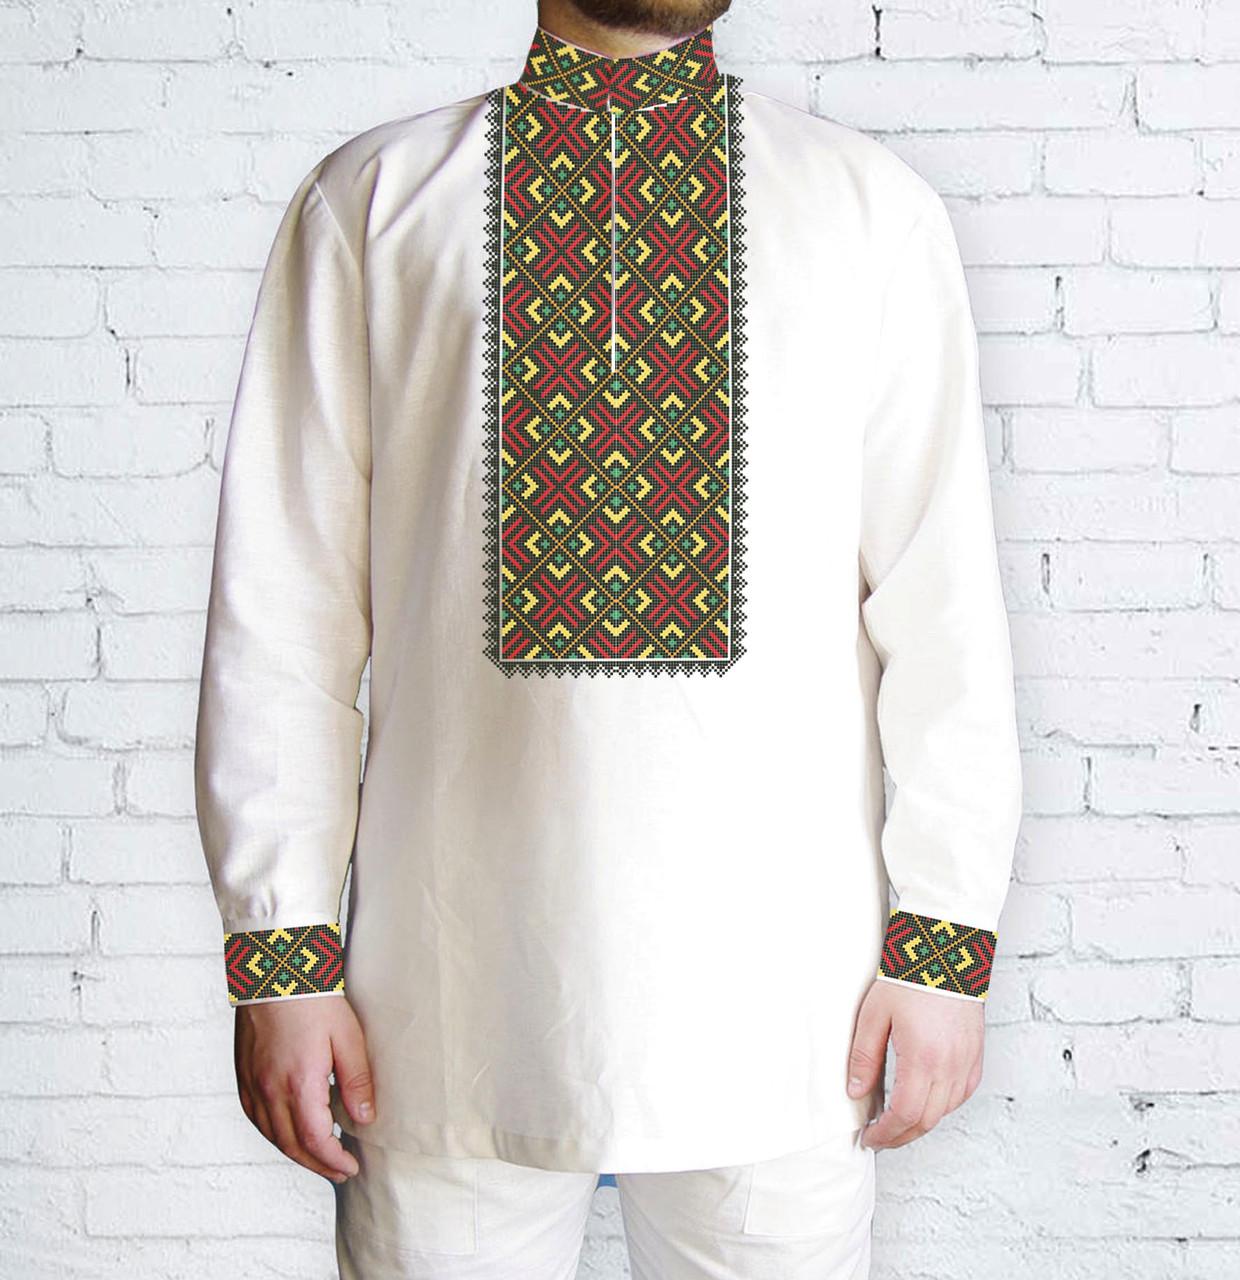 Заготовка чоловічої сорочки та вишиванки для вишивки чи вишивання бісером  Бисерок «Ромби плюс» ( 34516453fdb2d